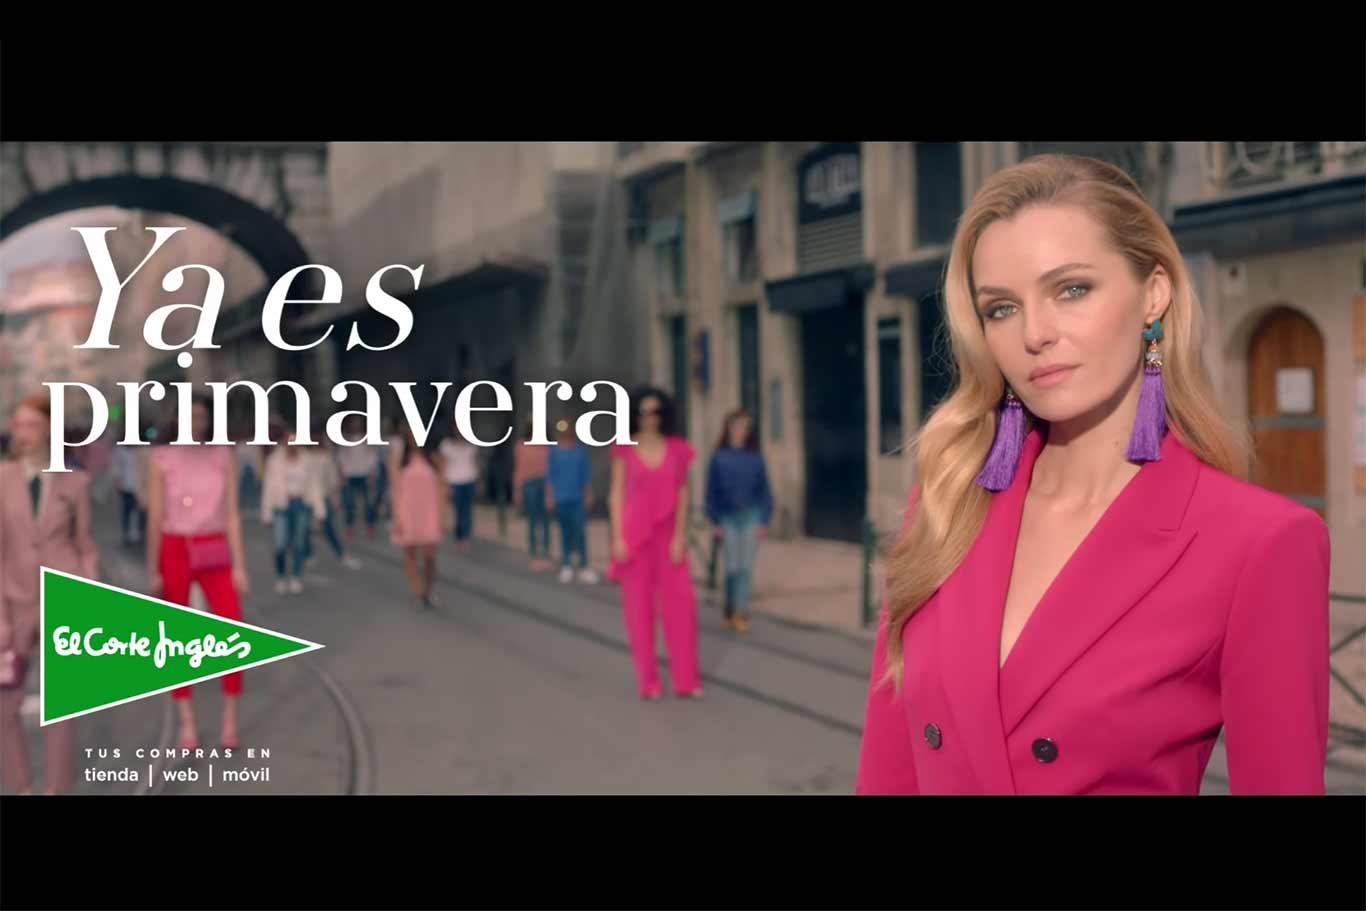 Los mejores conjuntos del spot de tv ya es primavera en el - Blancolor corte ingles 2017 ...